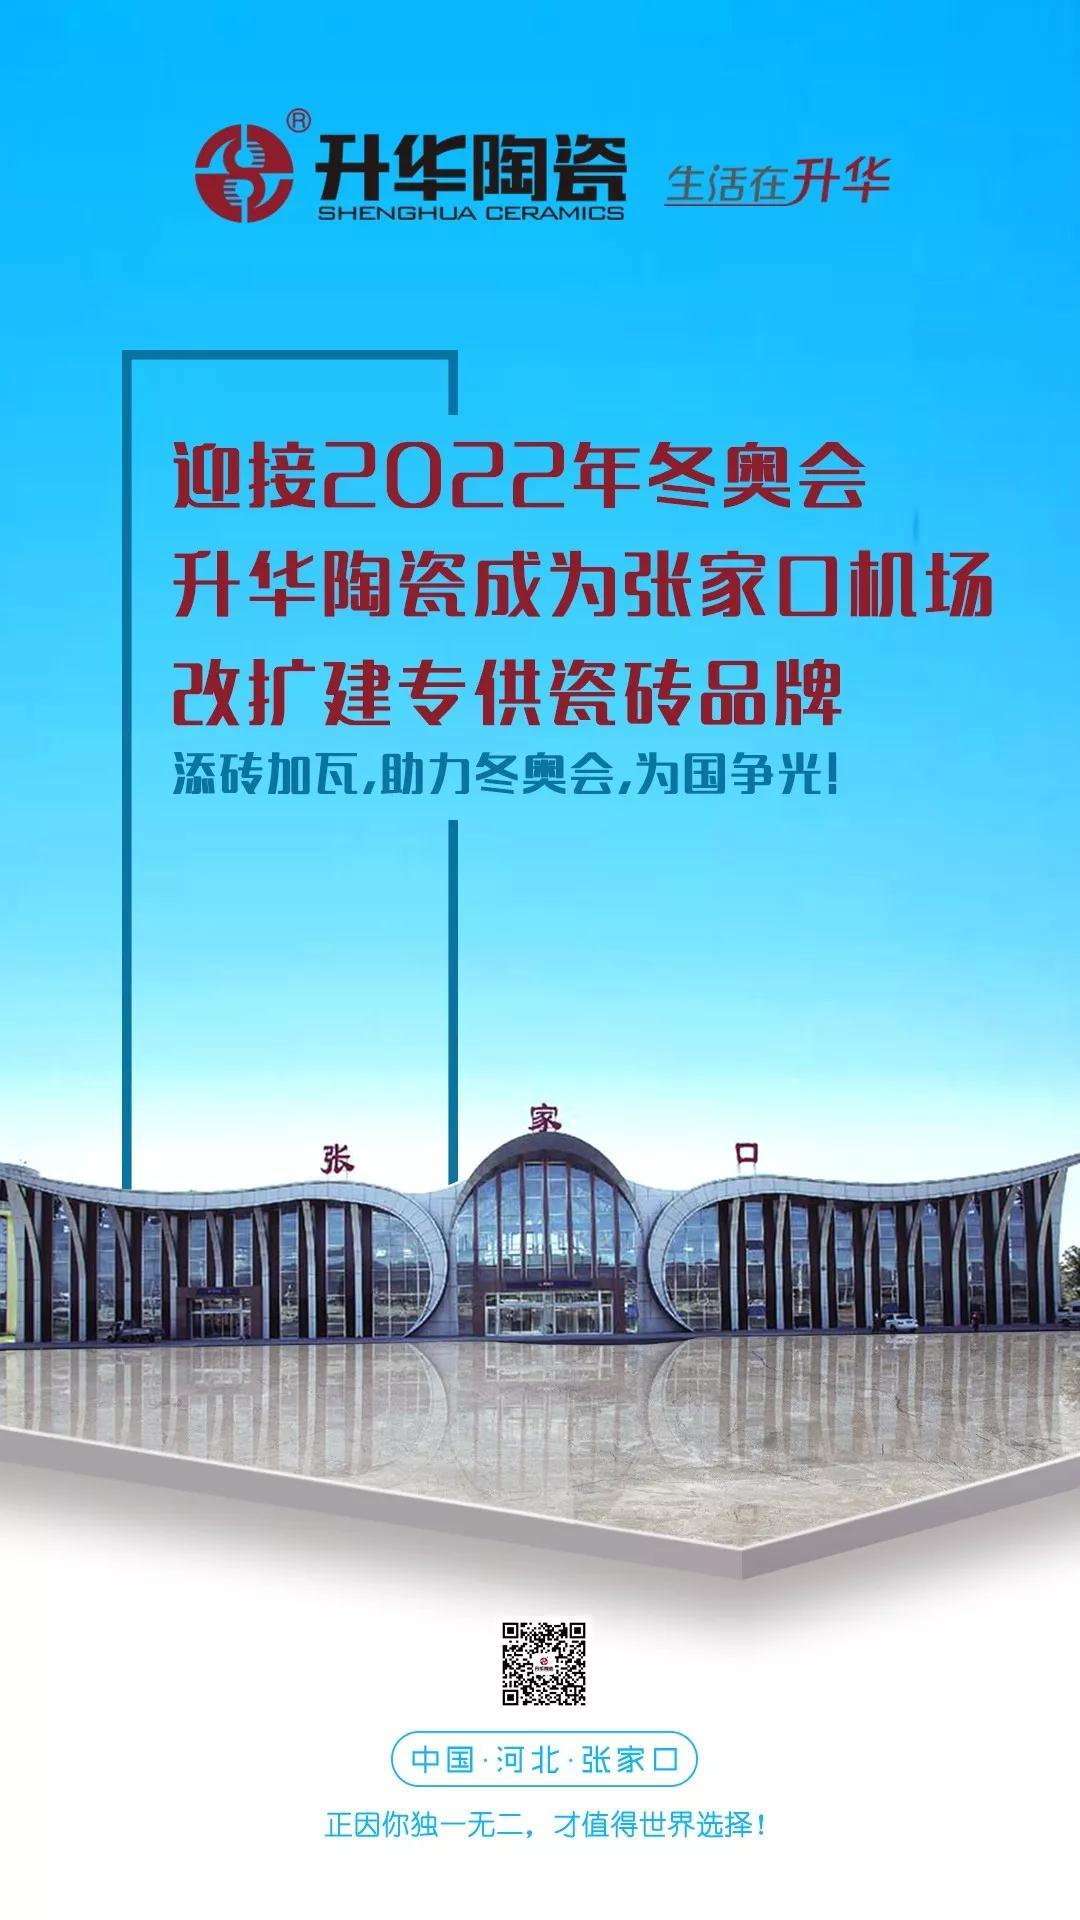 迎接2022年冬奥会,升华陶瓷成为张家口机场改扩建专供瓷砖品牌